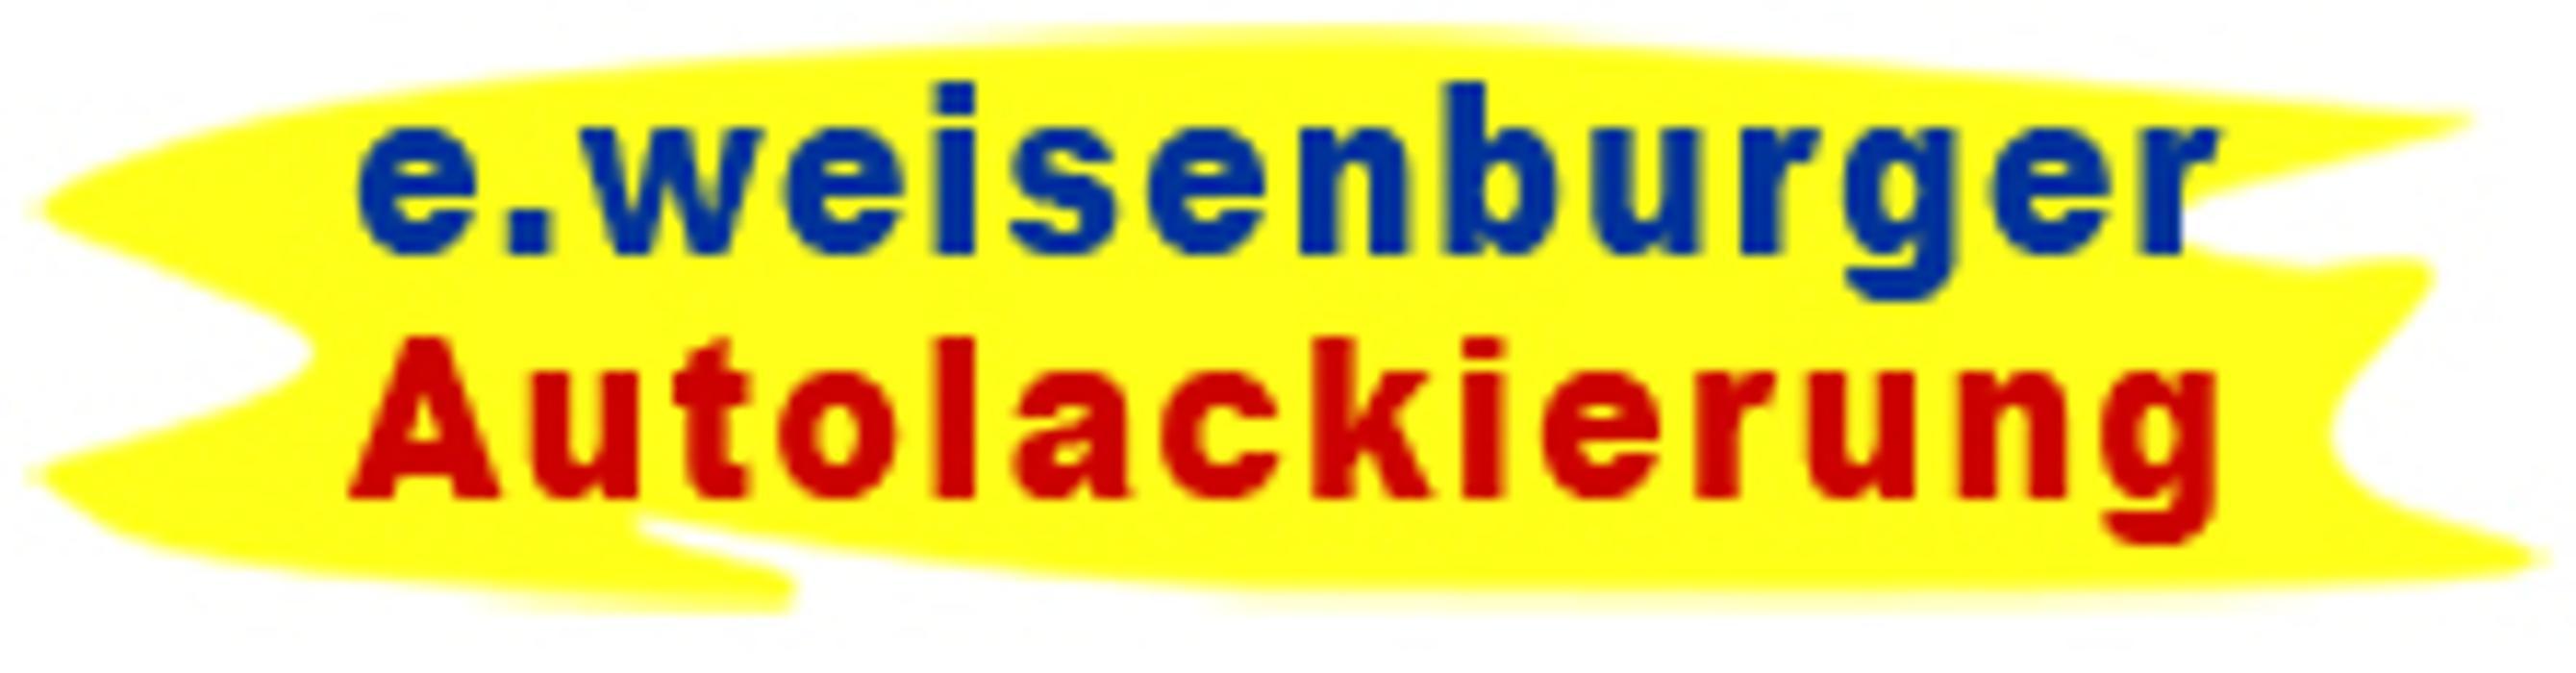 Bild zu e.weisenburger Autolackierung & mehr in Karlsruhe